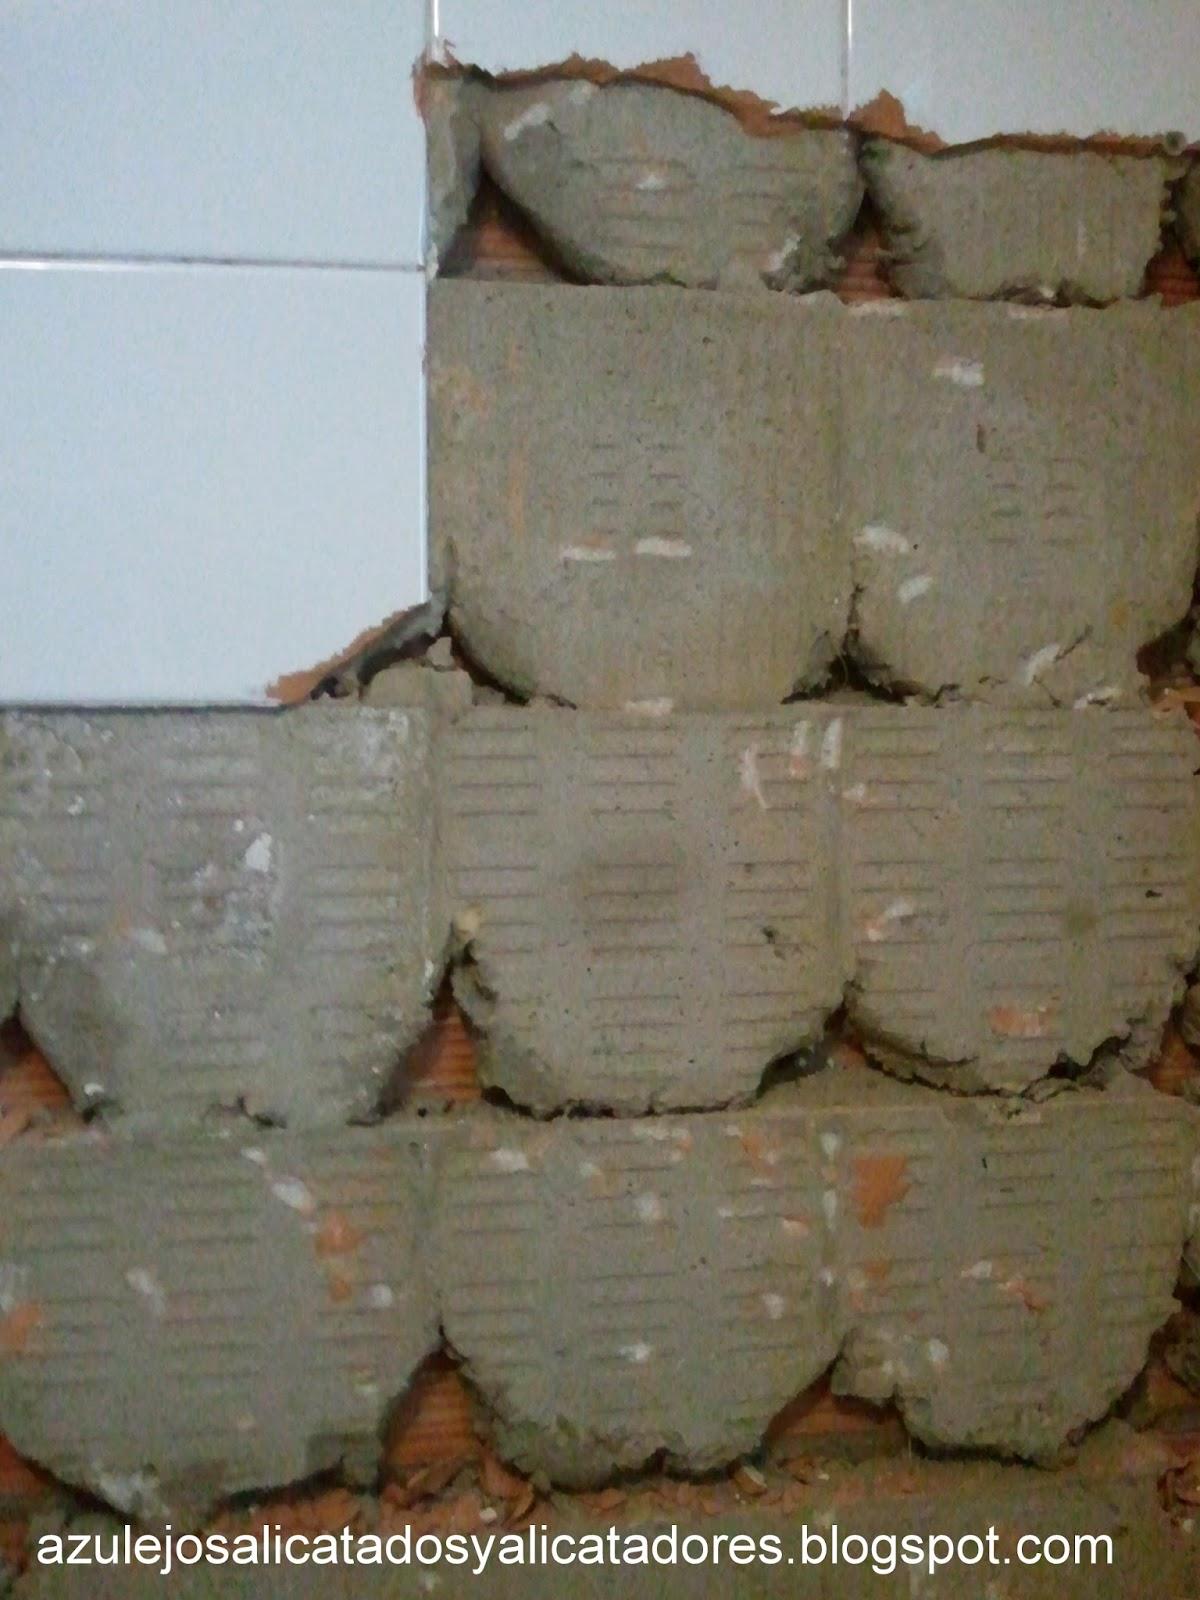 Quitar Azulejos Baño Sin Romperlos: color blanco mate (es decir sin brillo) y su formato es de 40×40 cm